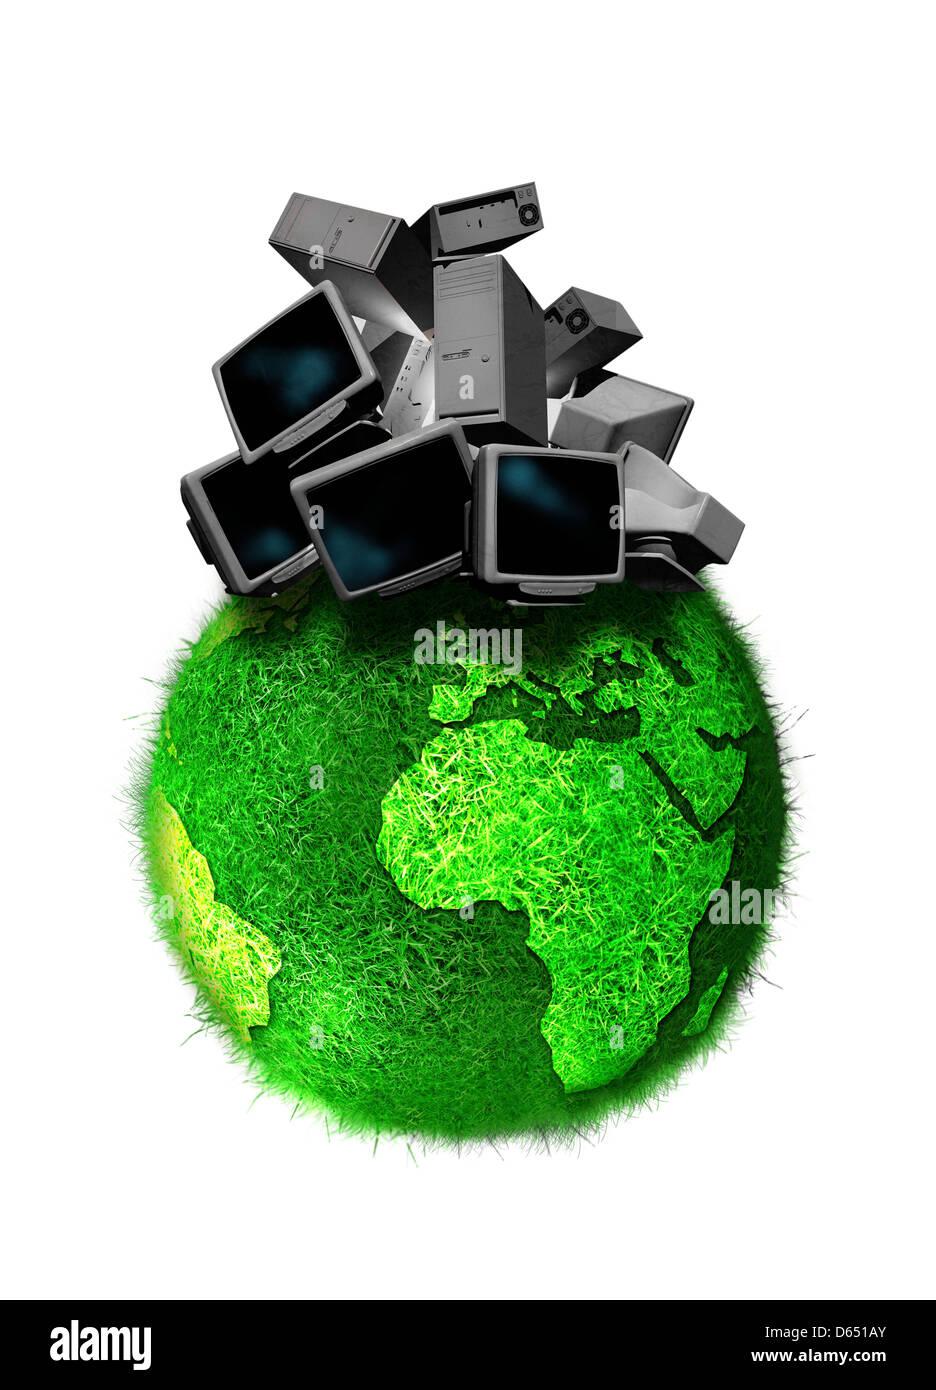 Il riciclaggio tecnologia obsoleta, artwork Immagini Stock